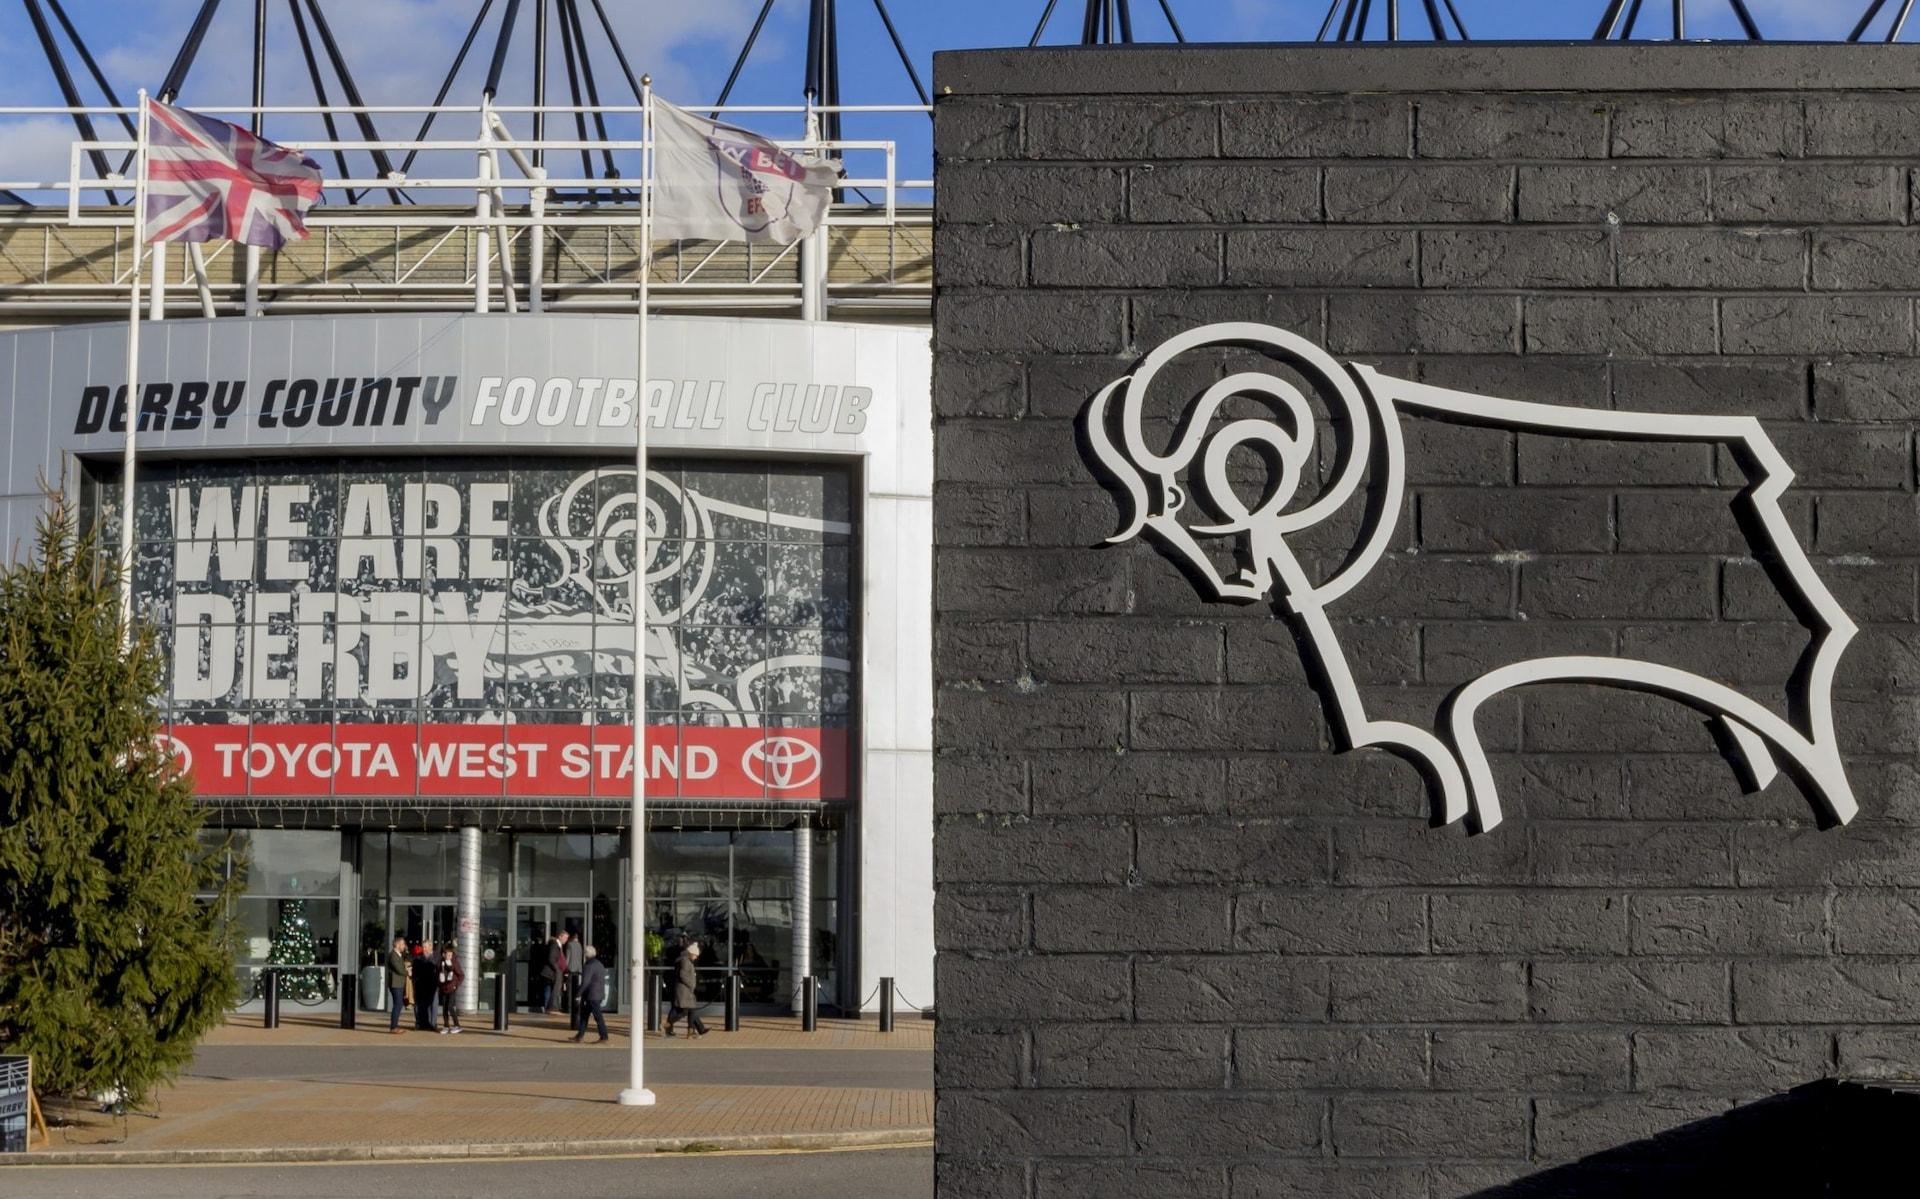 Derby football club